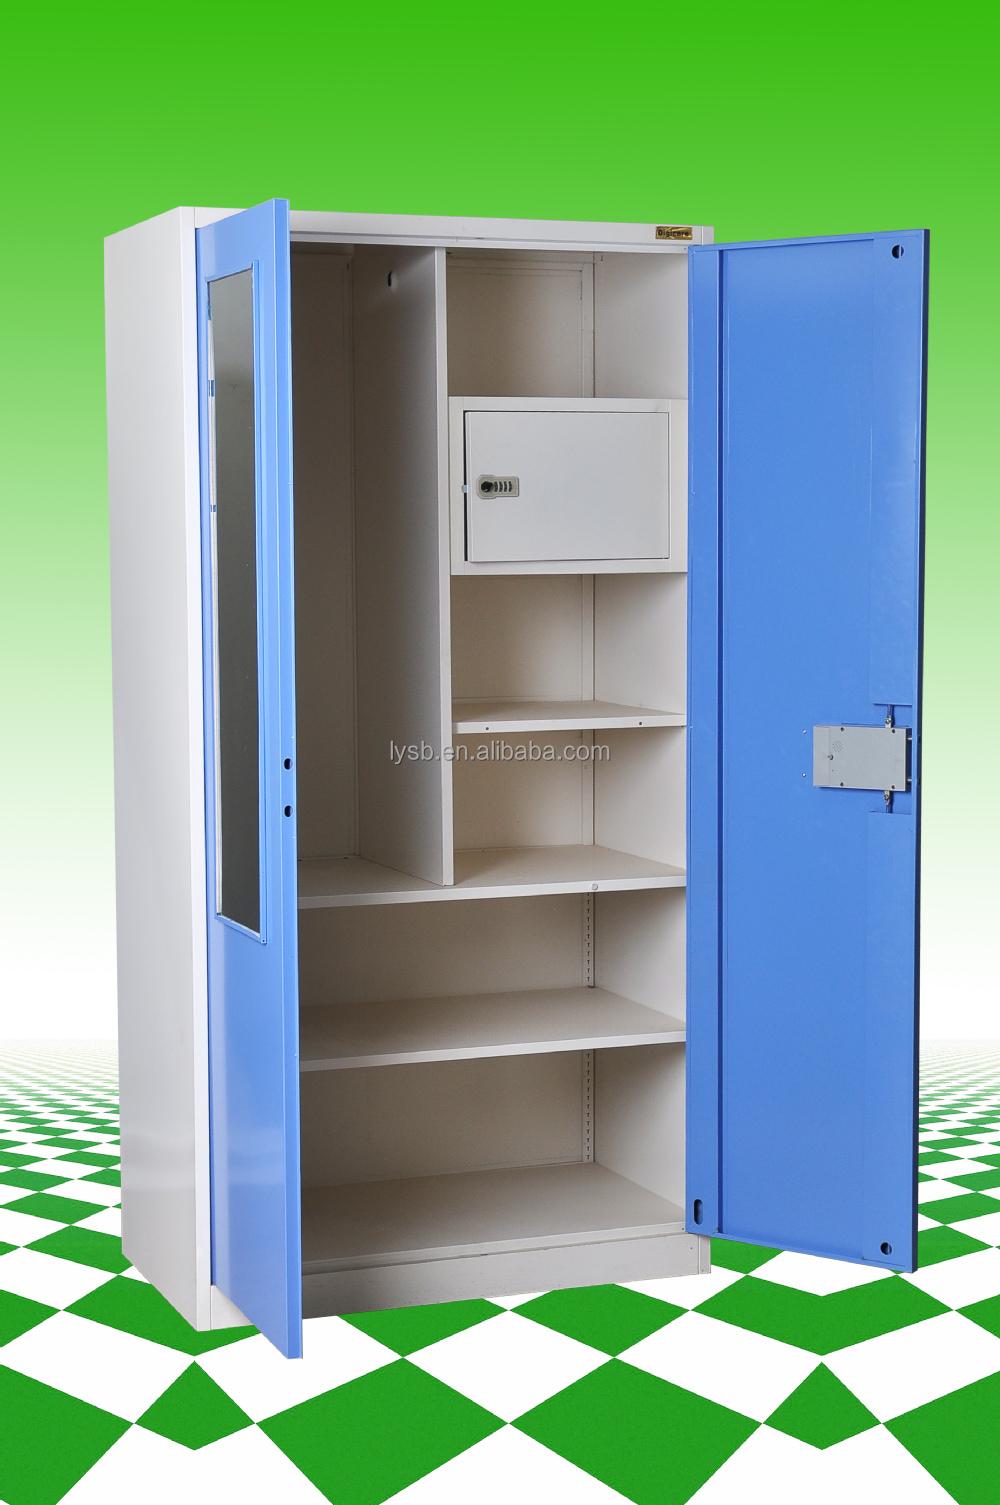 2 Door Cupboard Inside Designs New Design Steel Or Iron Wardrobe Design  2 Door Steel Bedroom